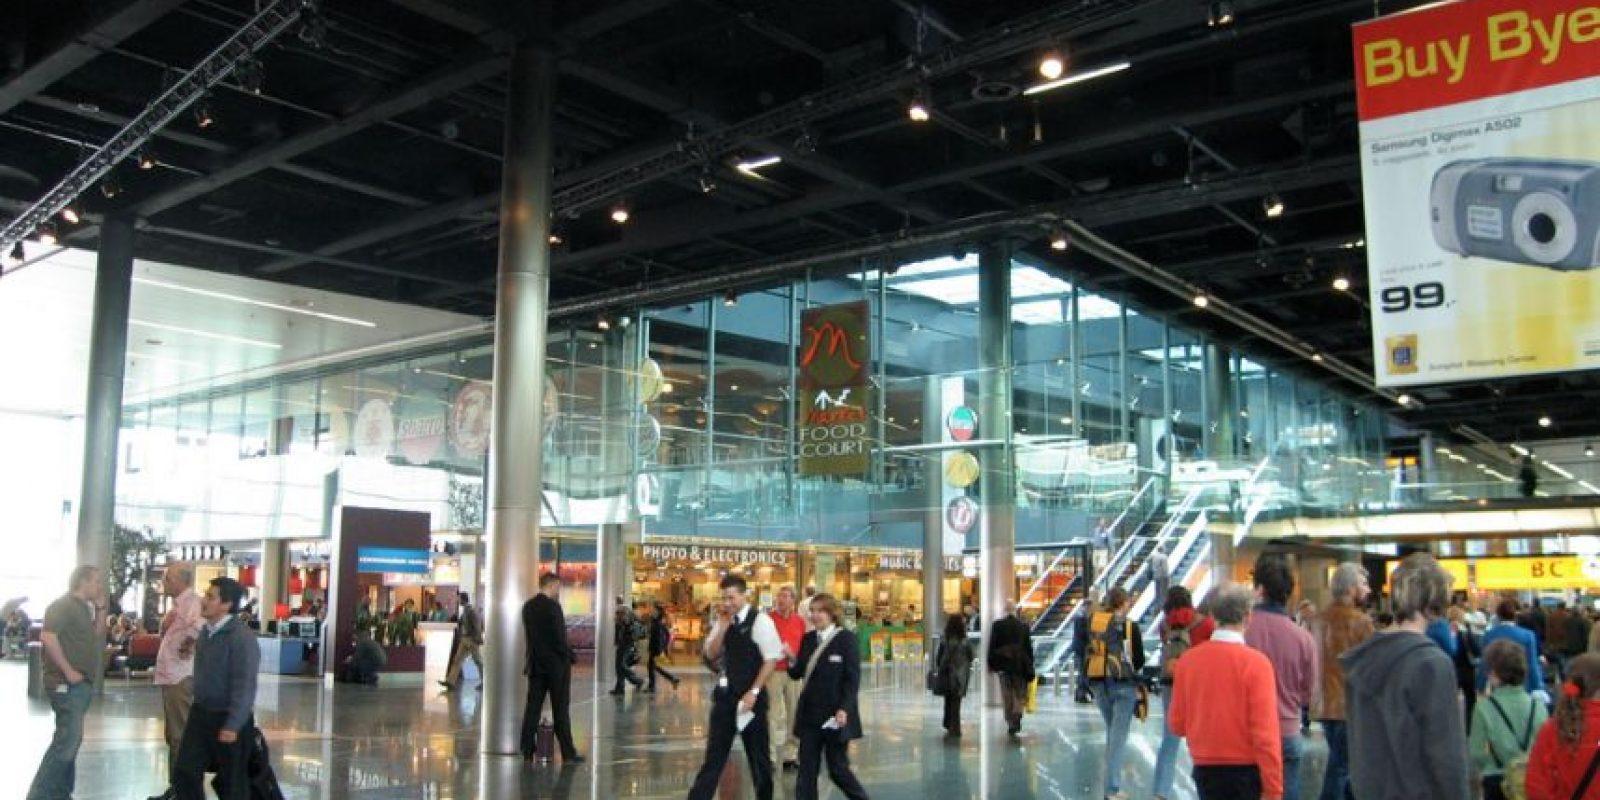 Su destino era el aeropuerto Schiphol. Foto:Vía wikimedia.org